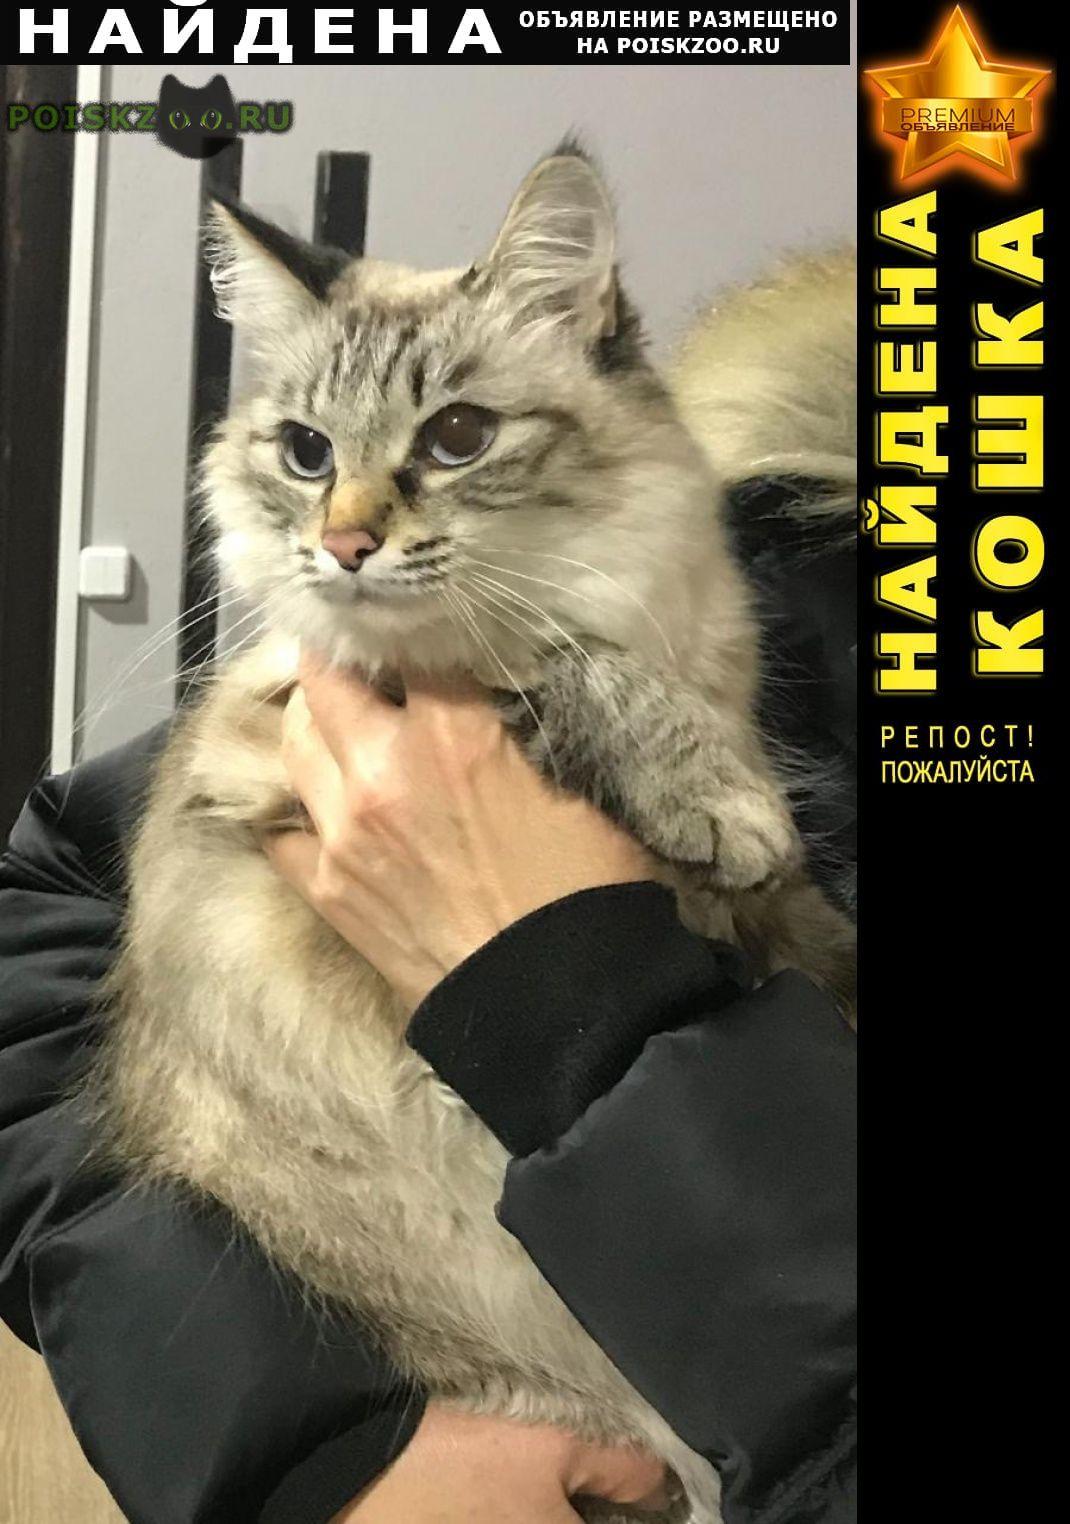 Найдена кошка г.Раменское